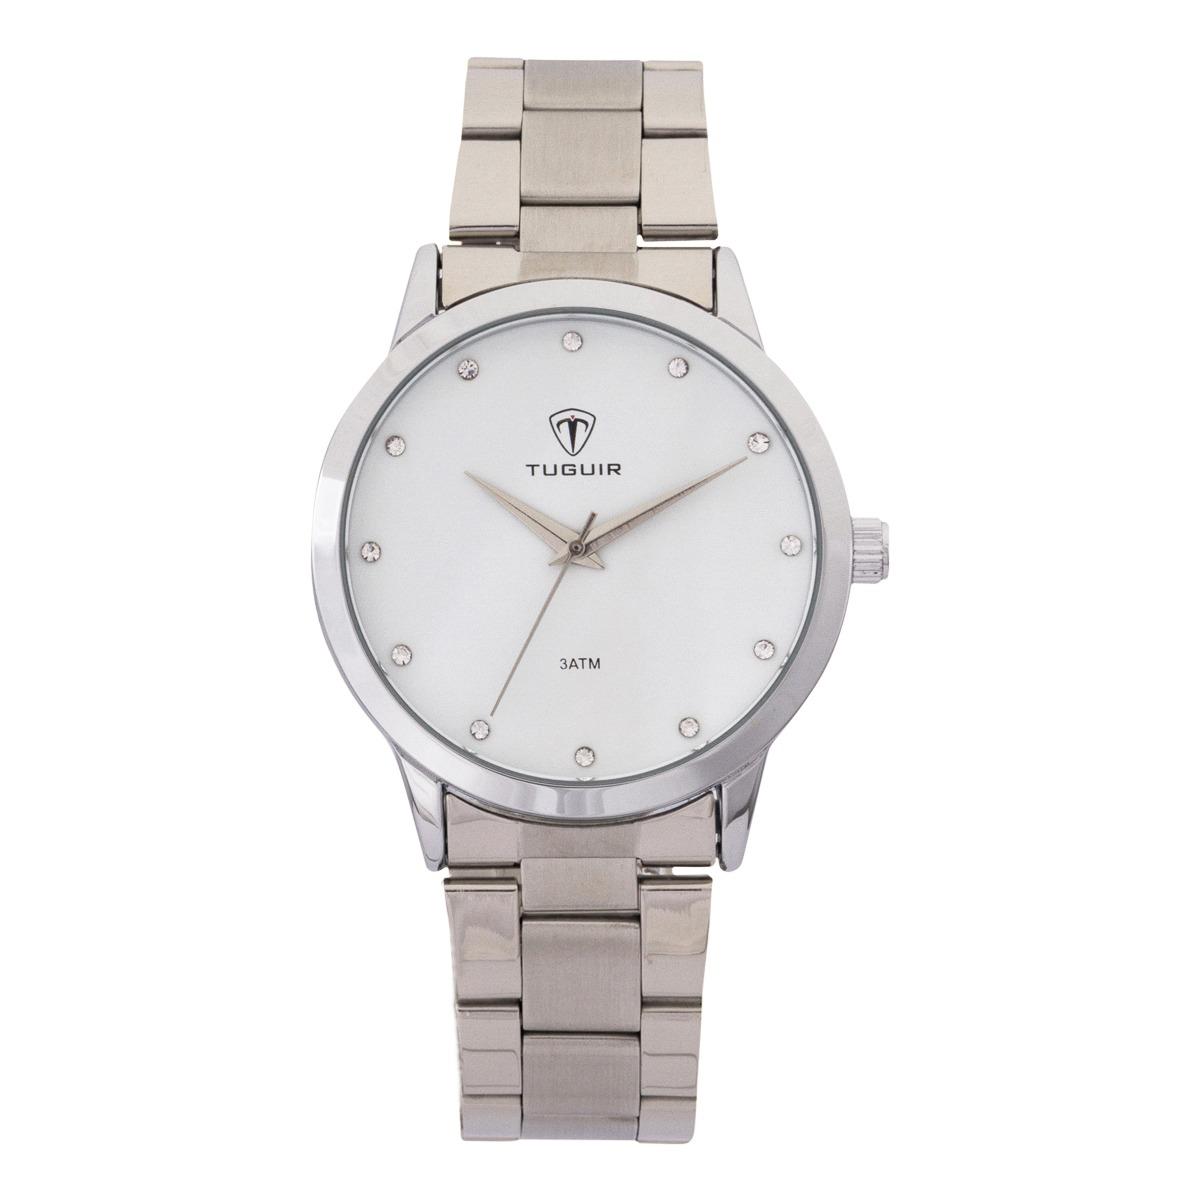 Relógio Feminino Tuguir Analógico TG114 Prata e Branco